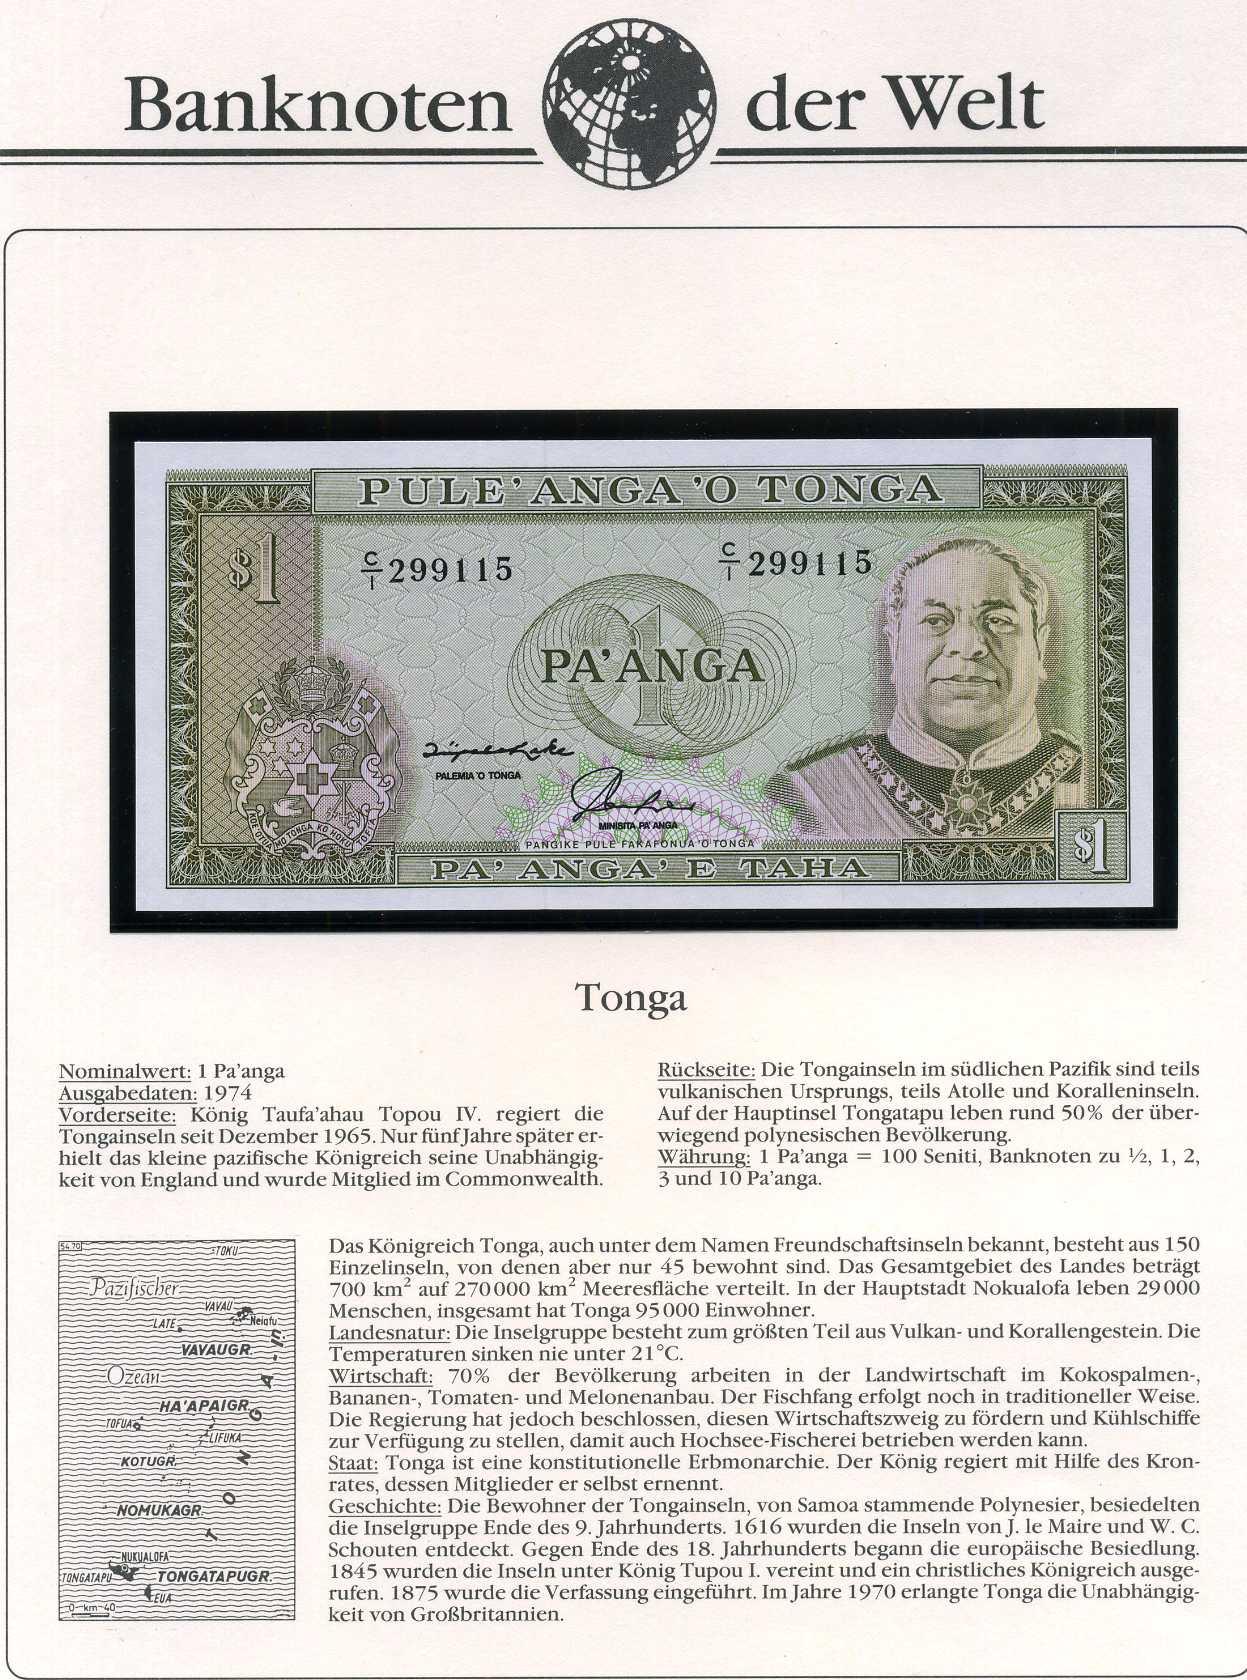 Tonga - 1 Paanga - UNC